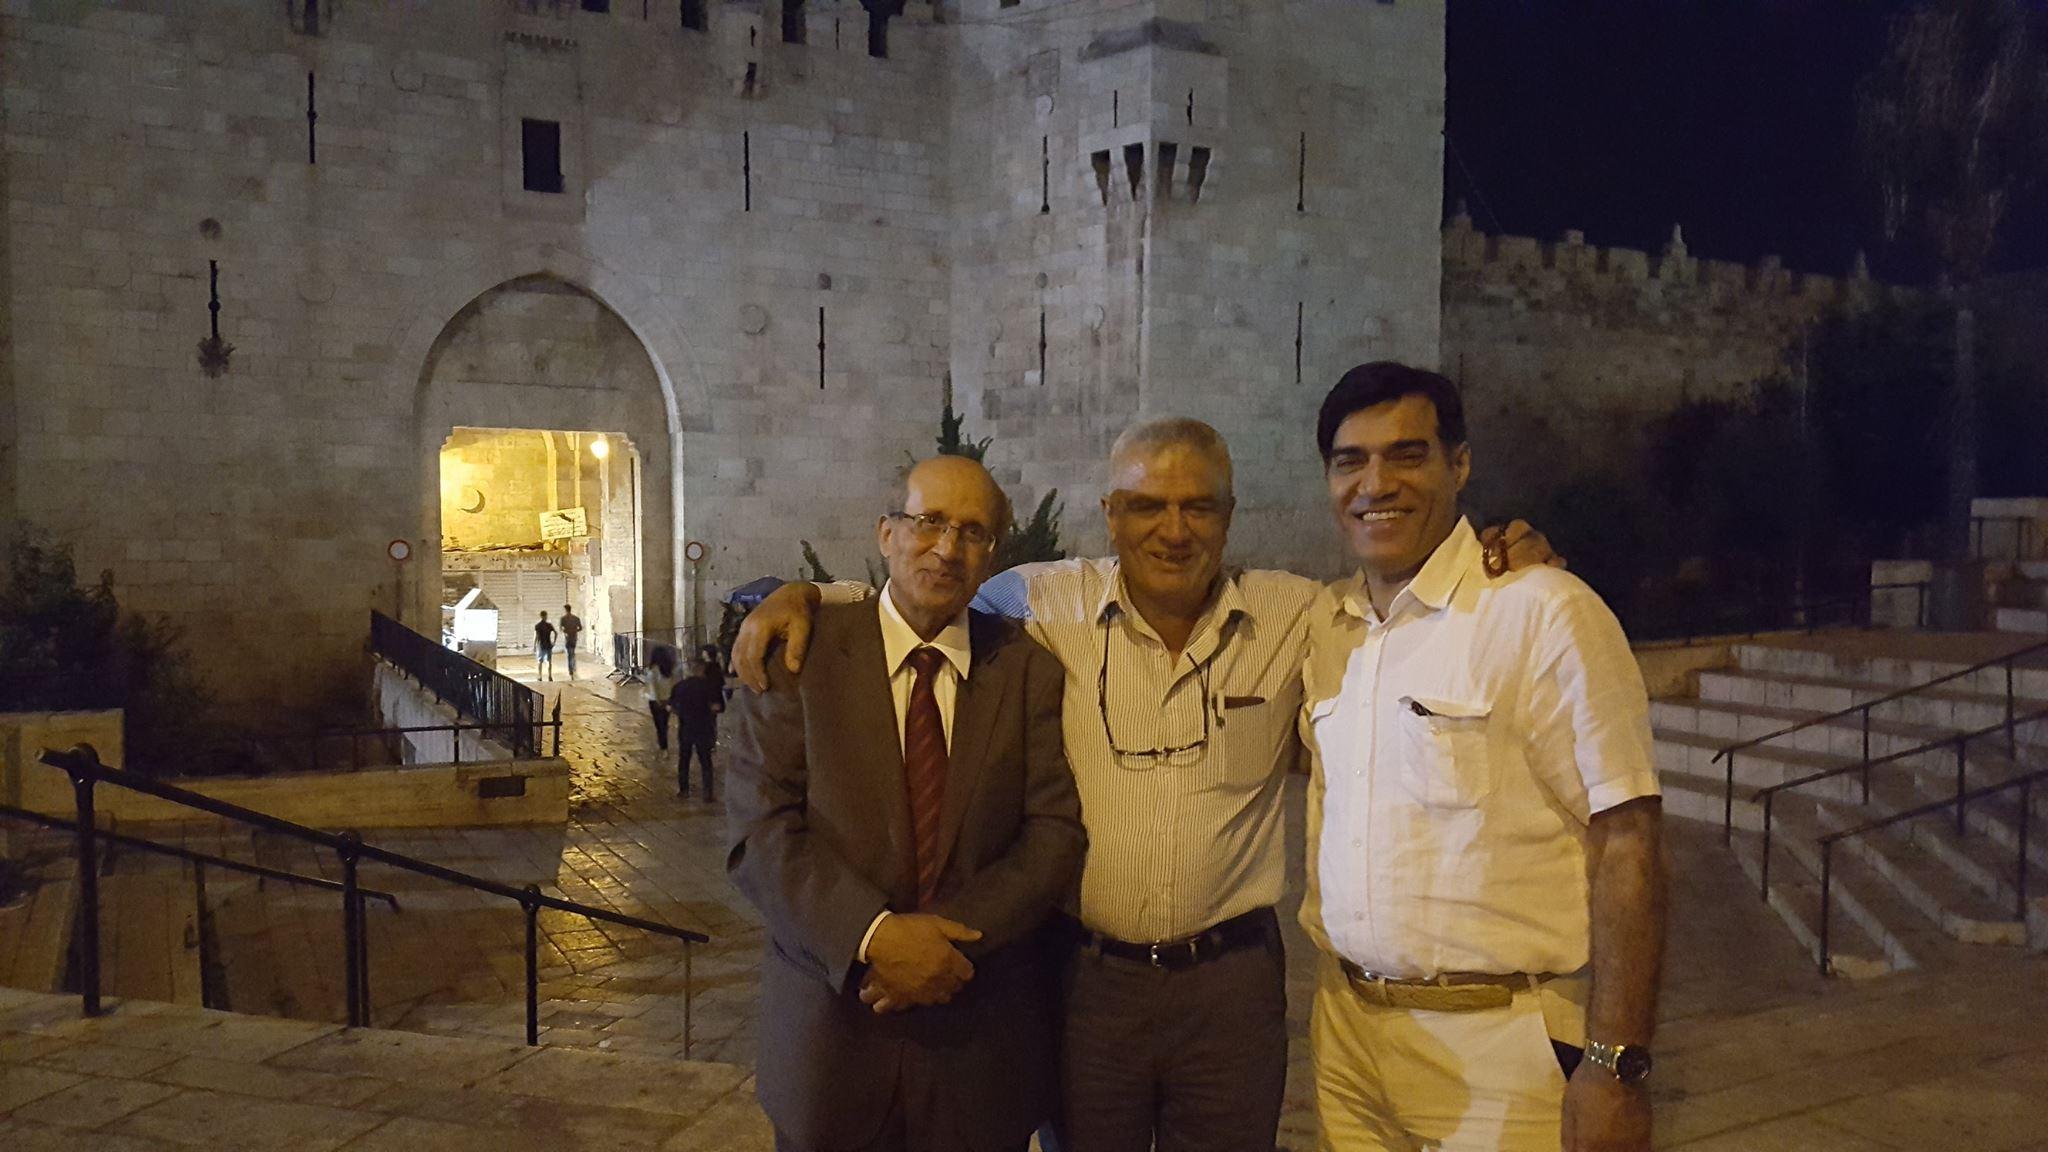 جوله في منتصف الليل في شوارع القدس القديمه والمسجد الاقصى مغلق  الخميس 13–7–2017